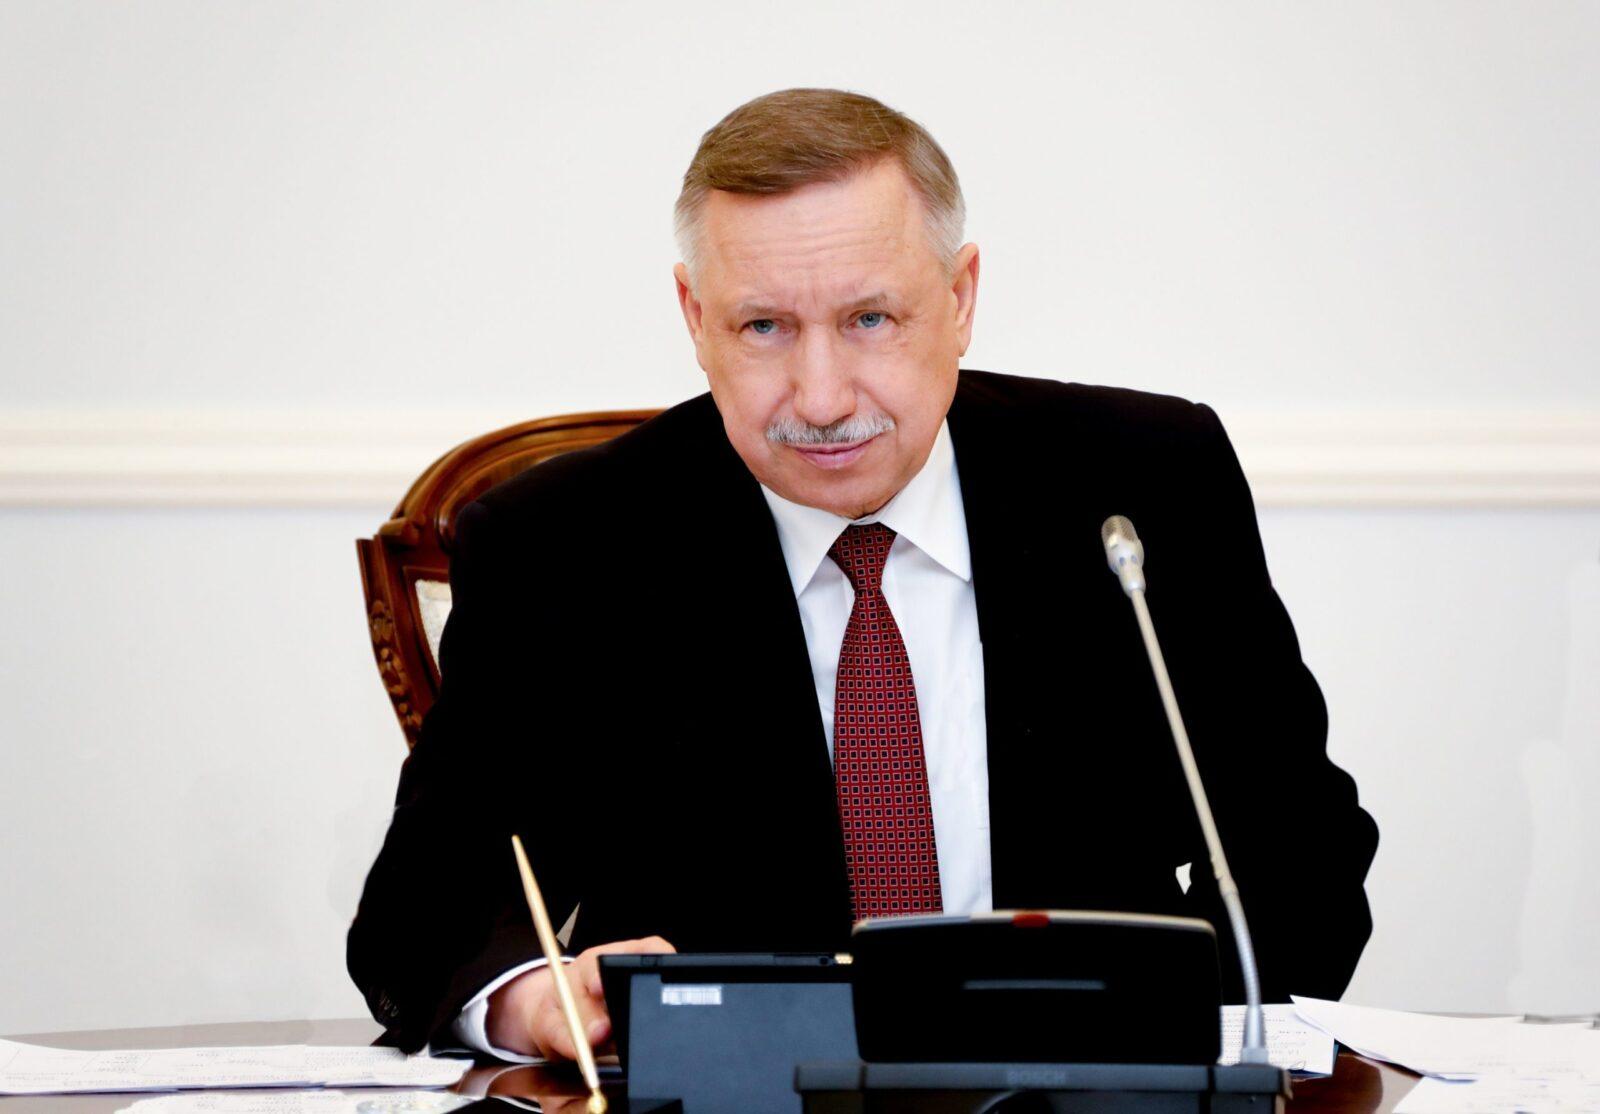 Губернатор Санкт-Петербурга ввёл режим полной самоизоляции для жителей города